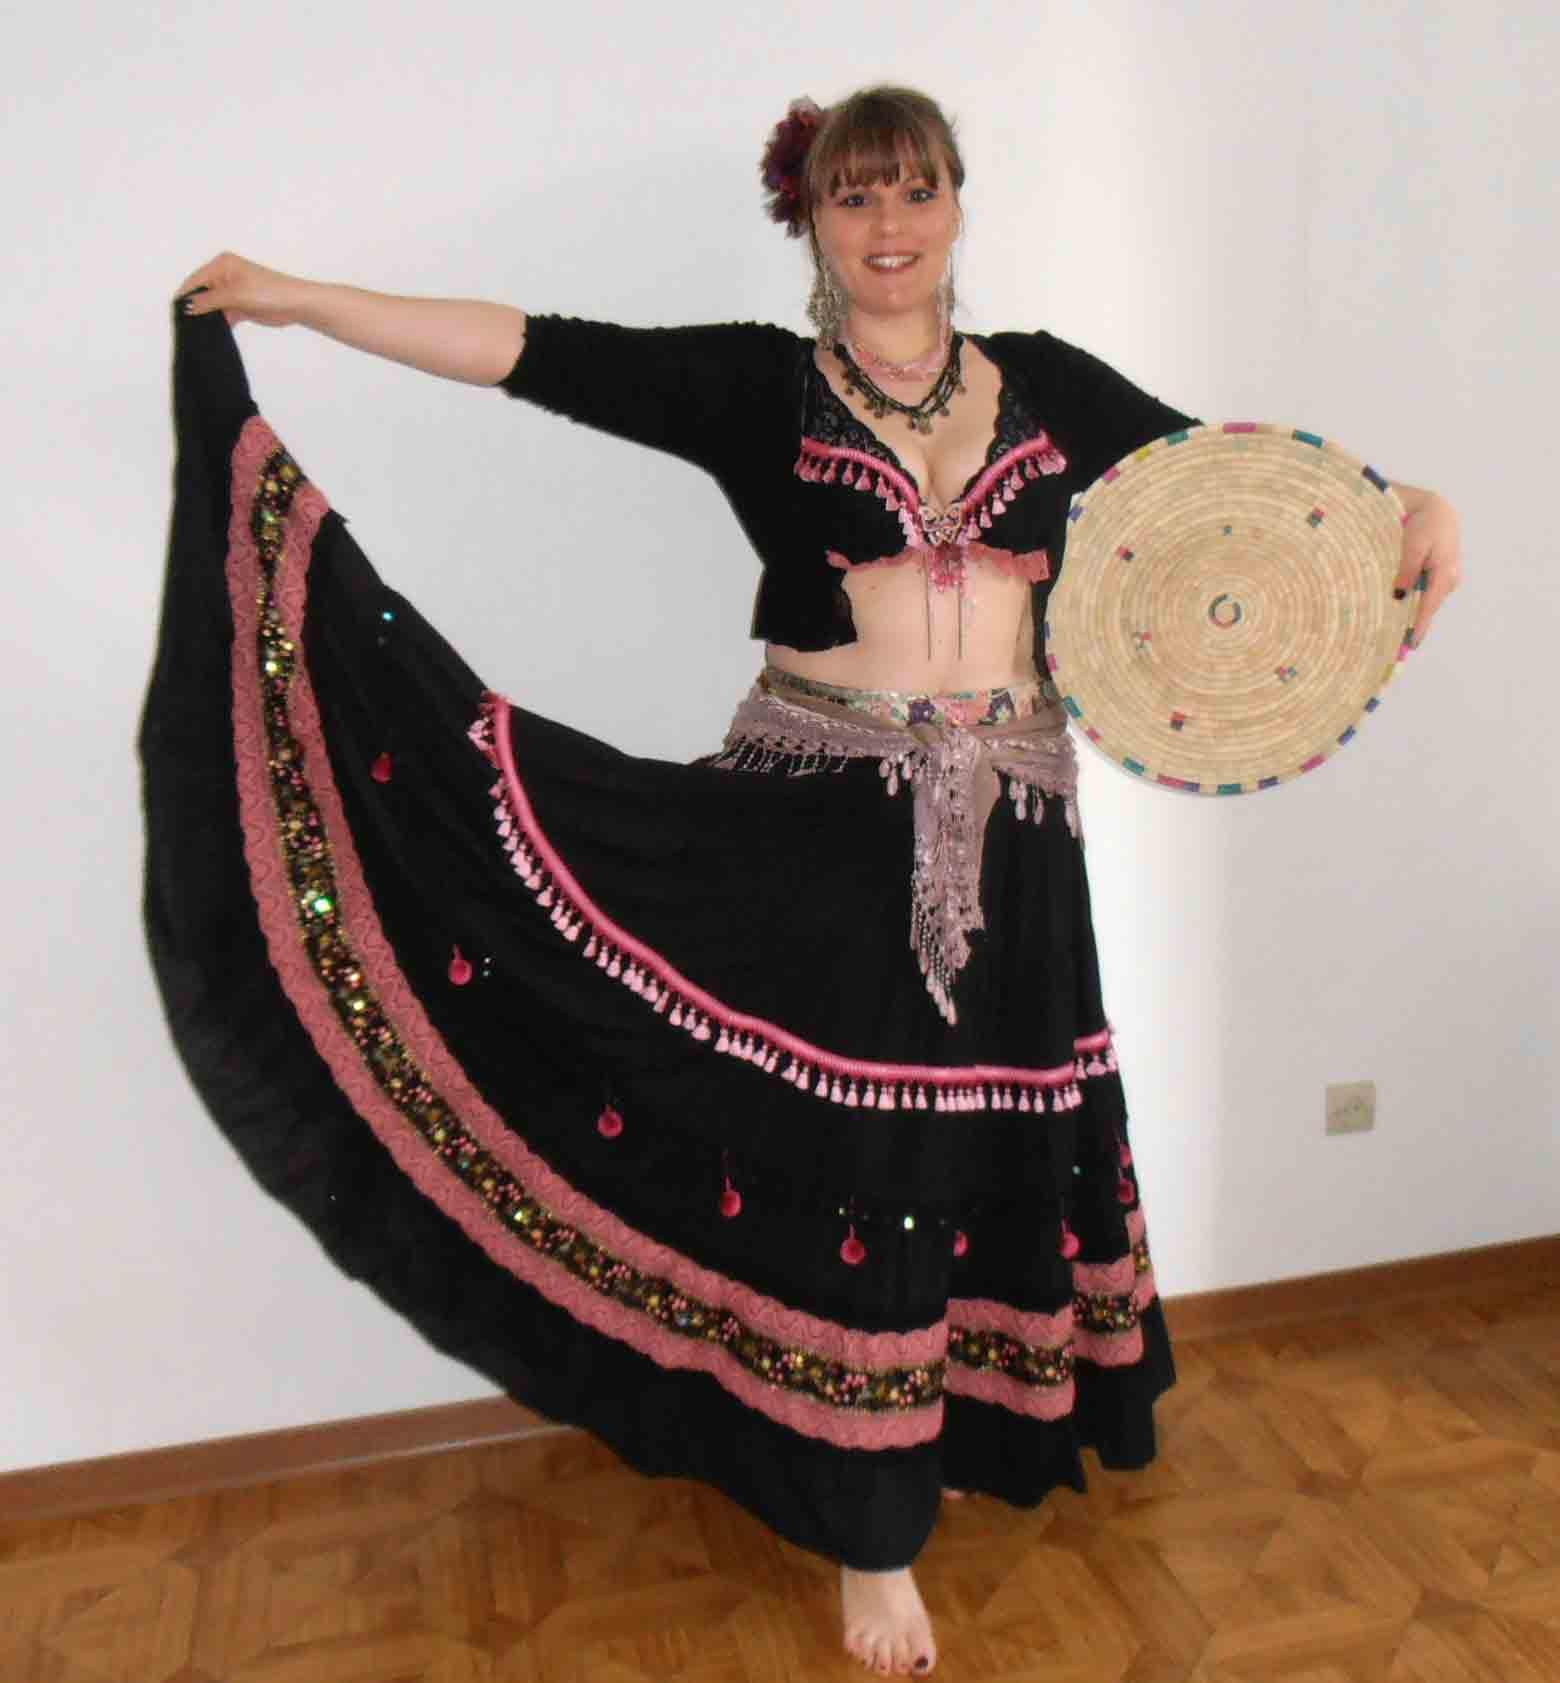 Jupe et soutien-gorge pour danses métissées / Fanny